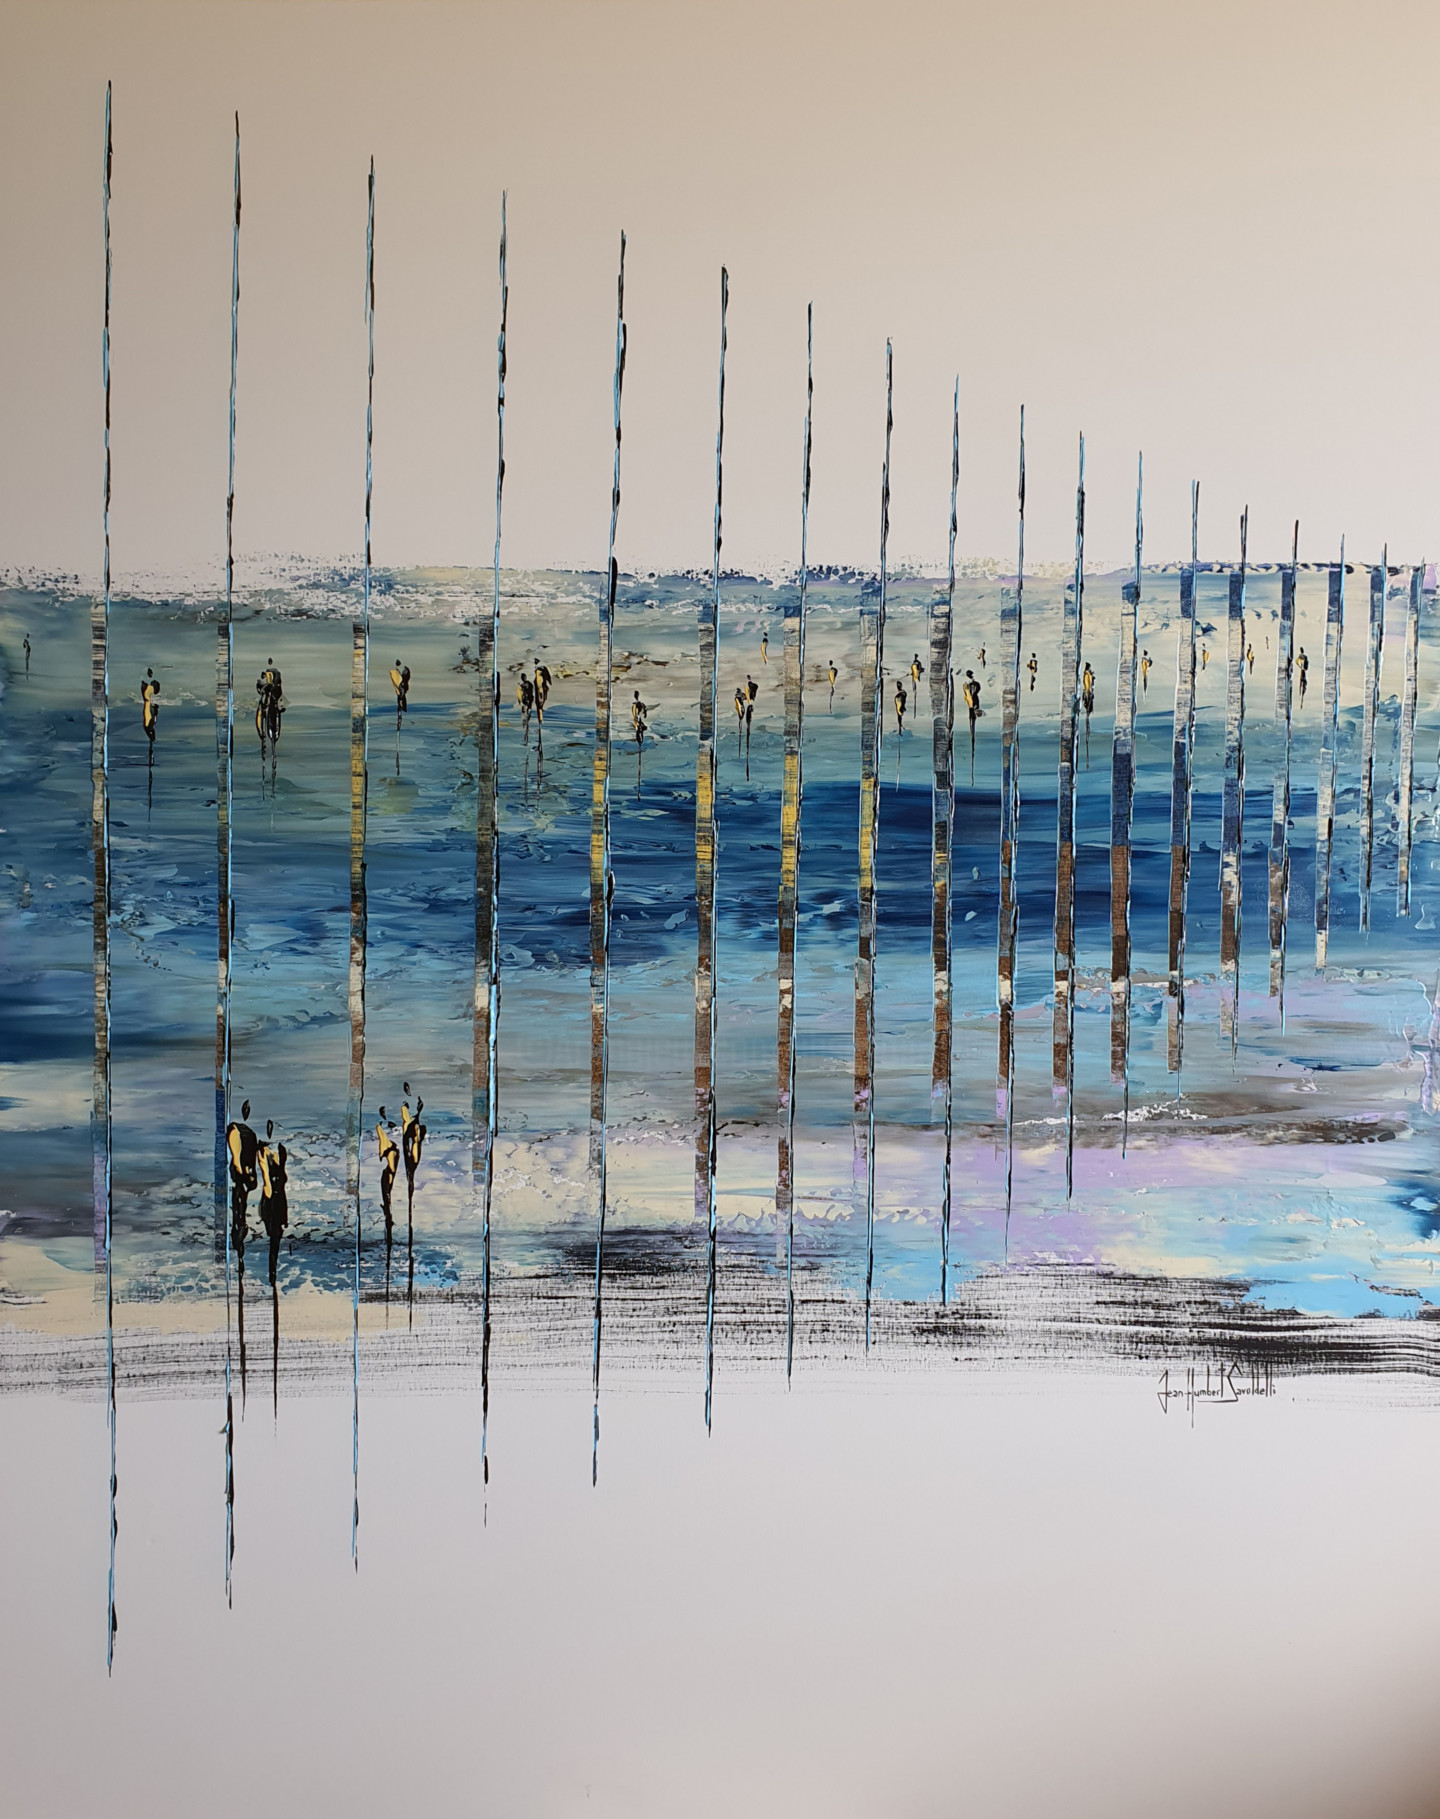 Jean-Humbert Savoldelli - DEEP BLUE